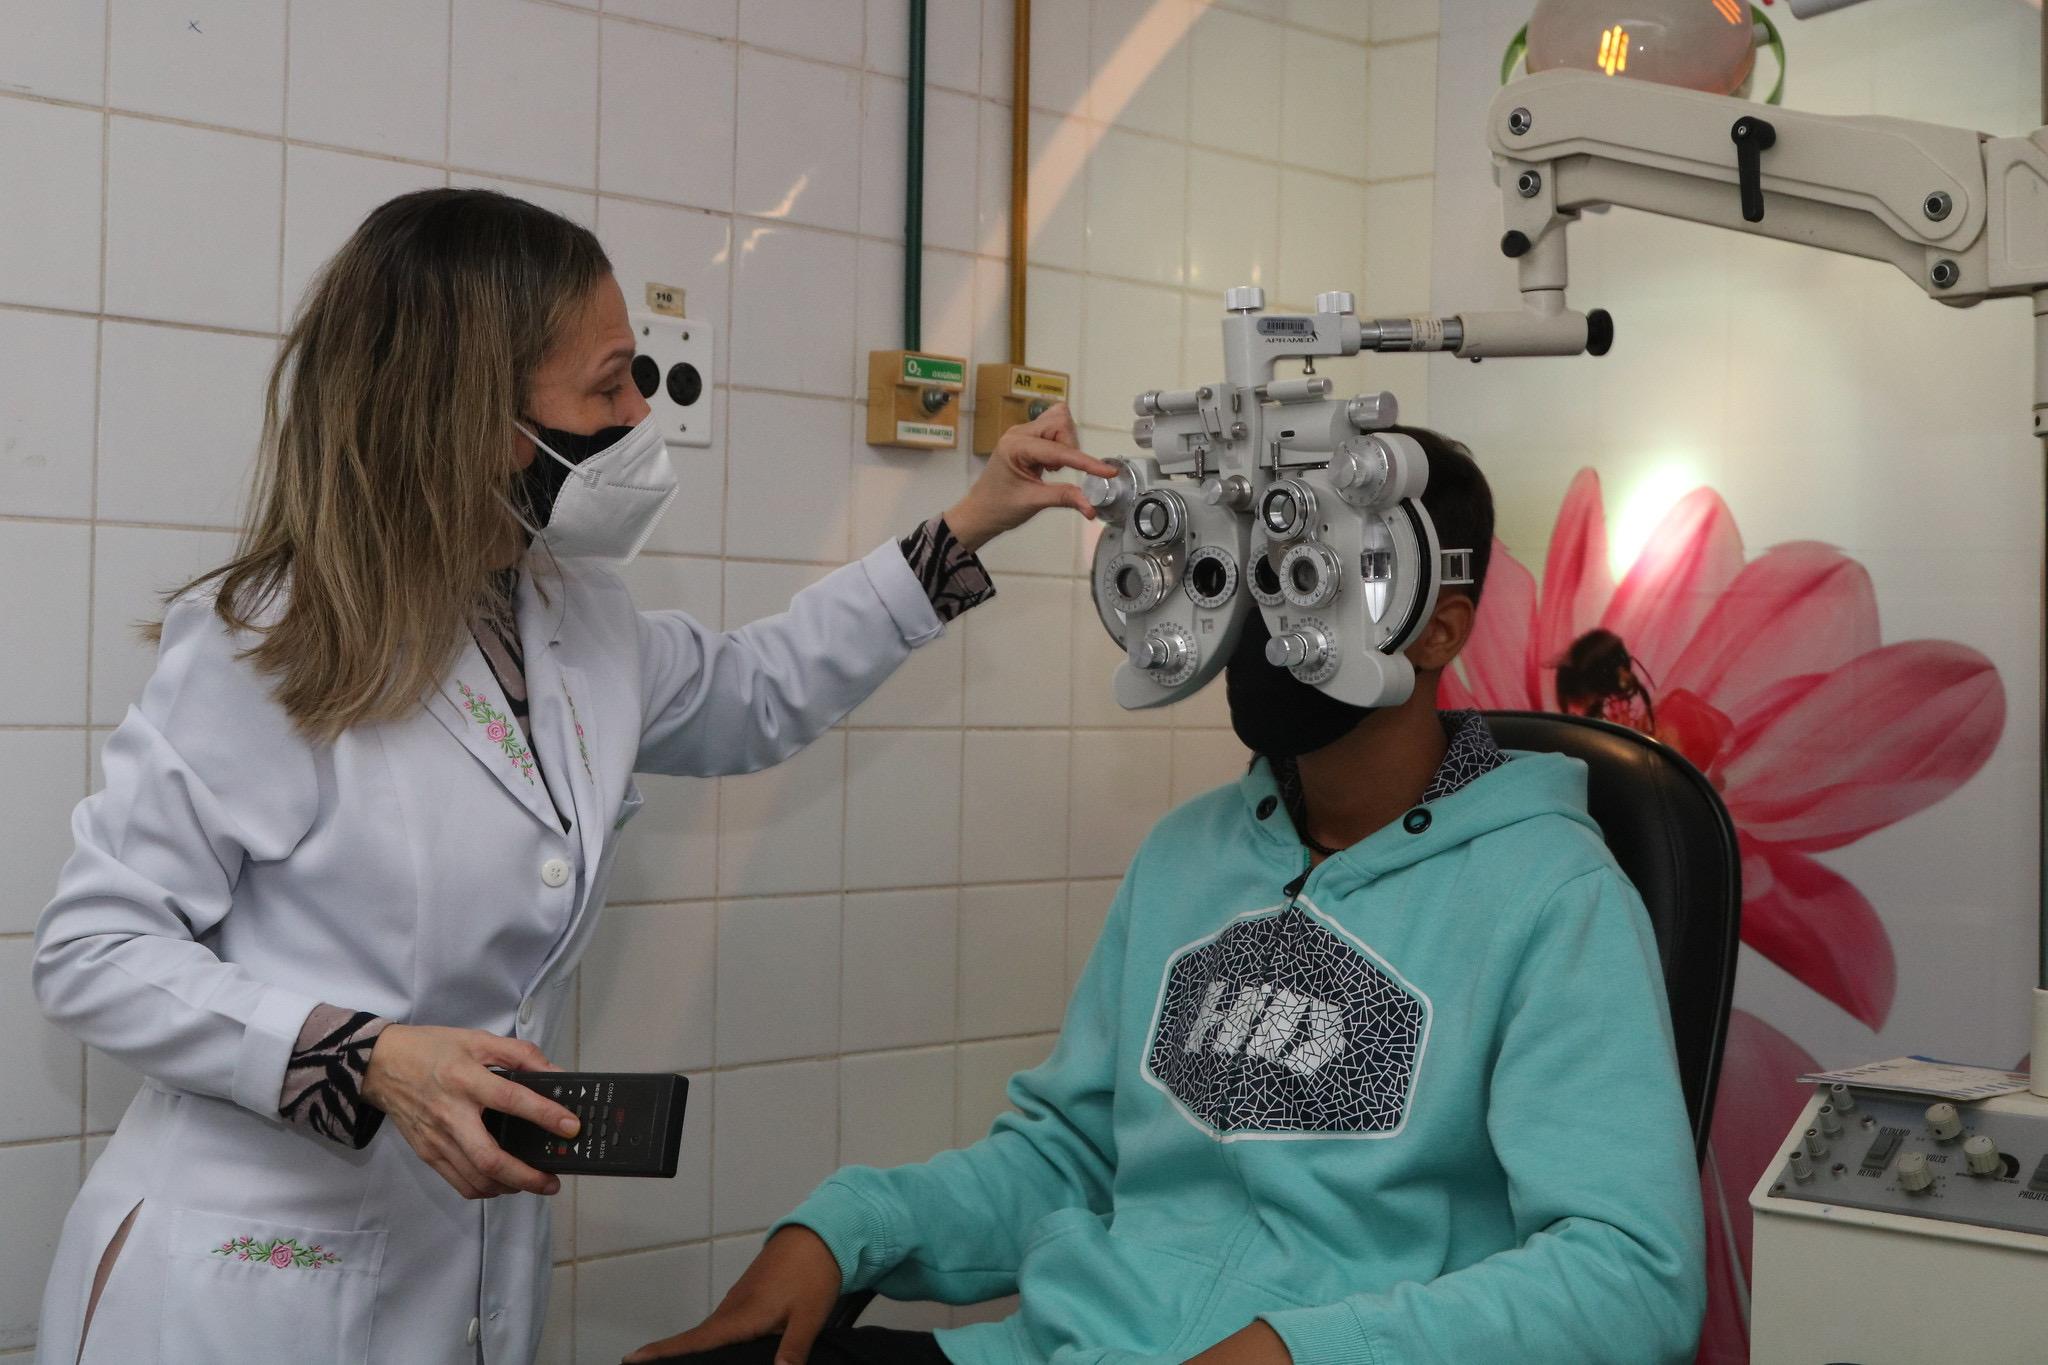 Saúde ocular: Hospital Municipal Jorge Novis é referência em atendimento de baixa e média complexidade